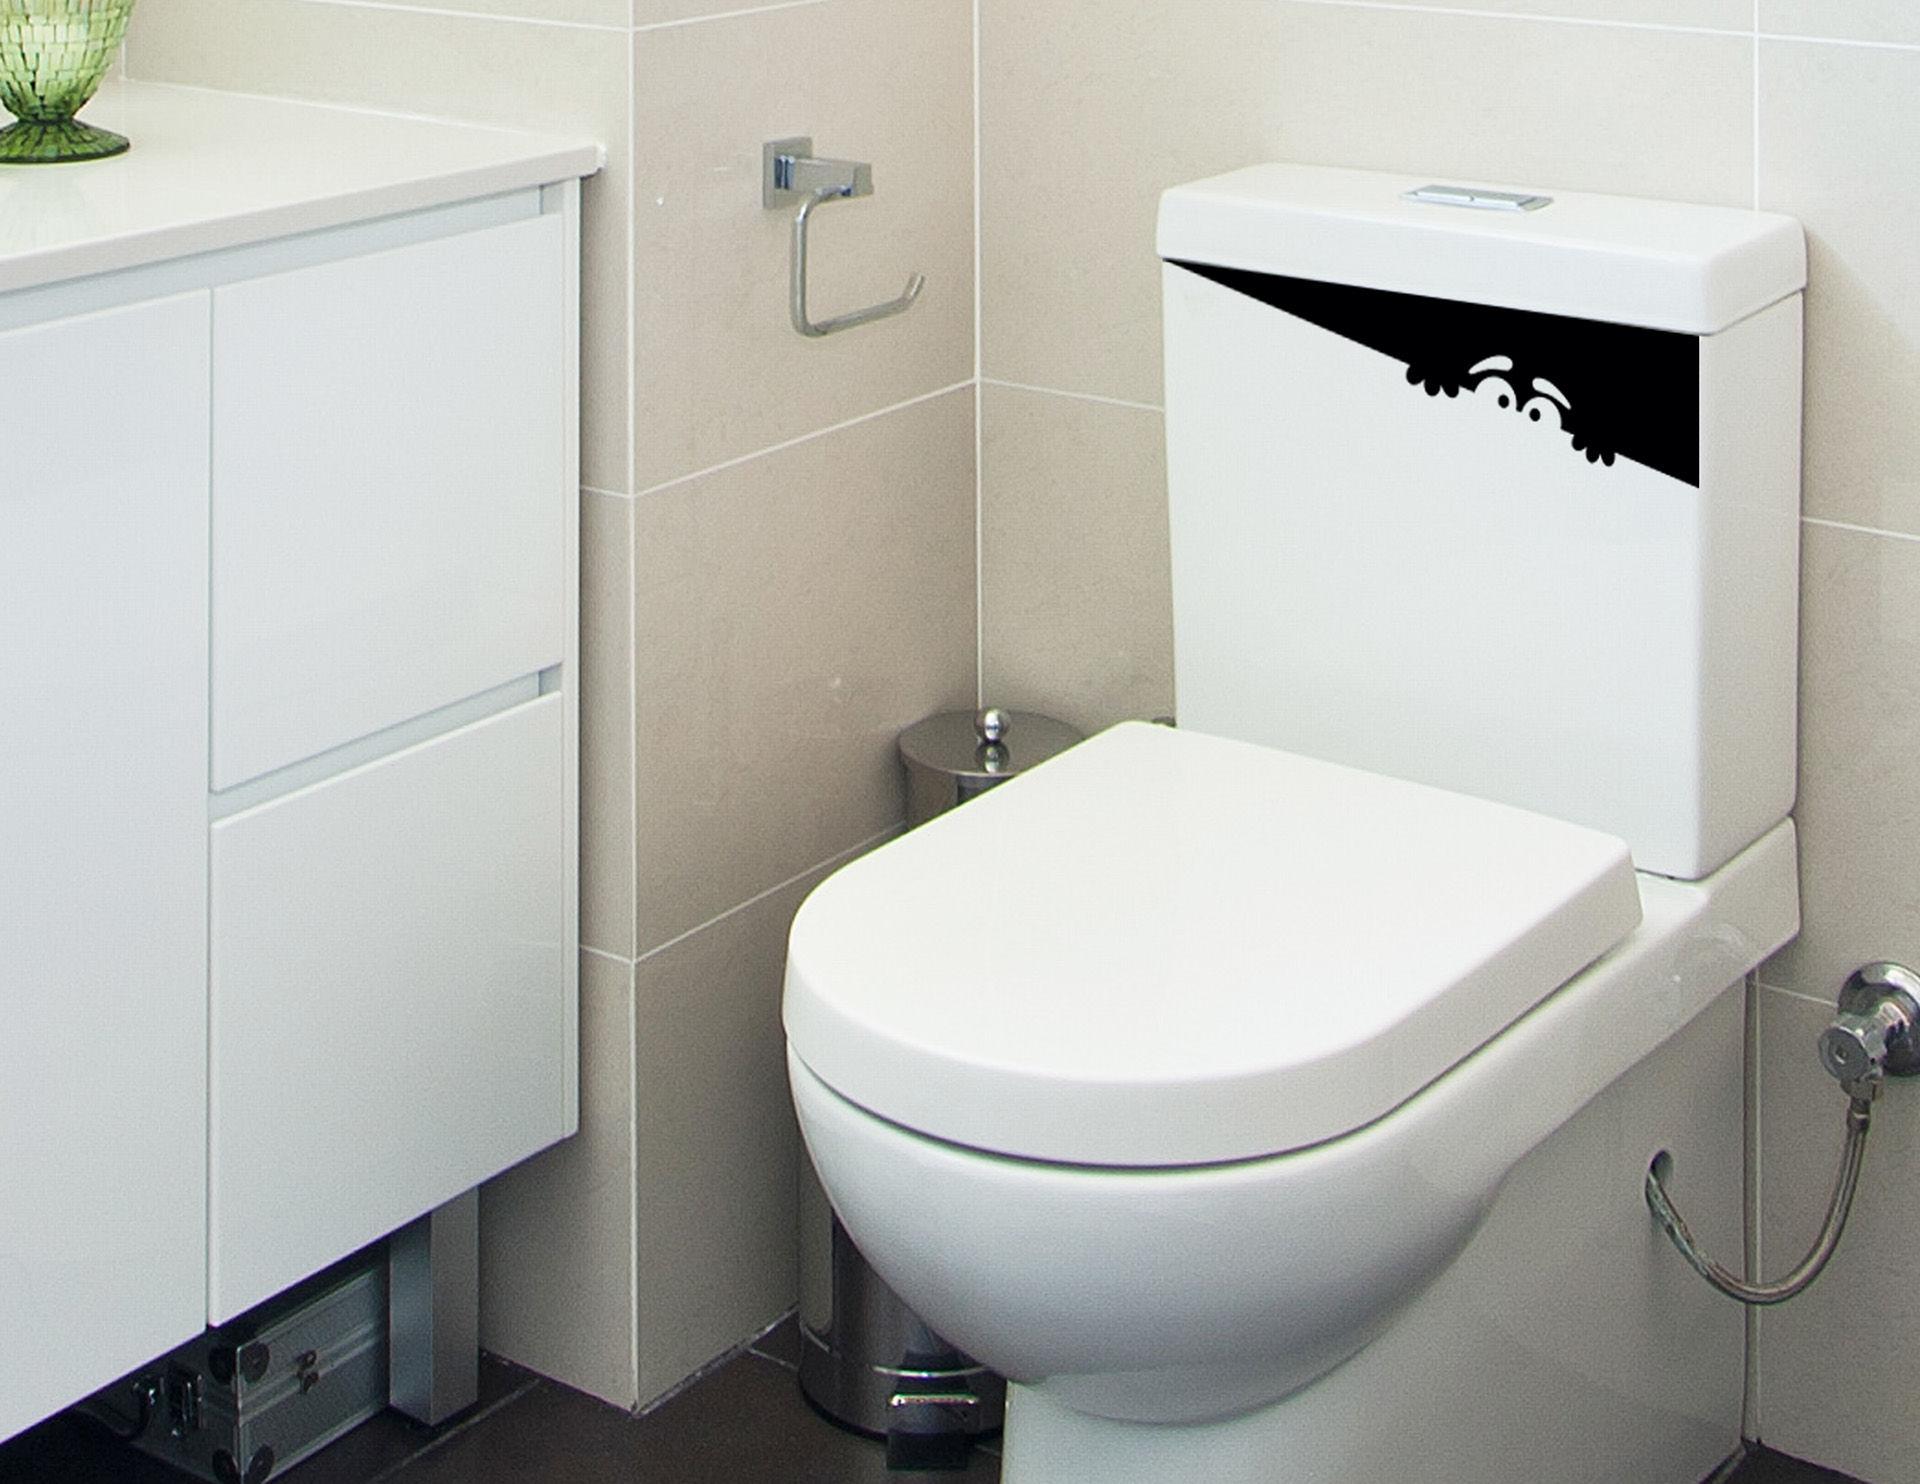 WC Schreck - lustiger WC-Aufkleber für den Spülkasten